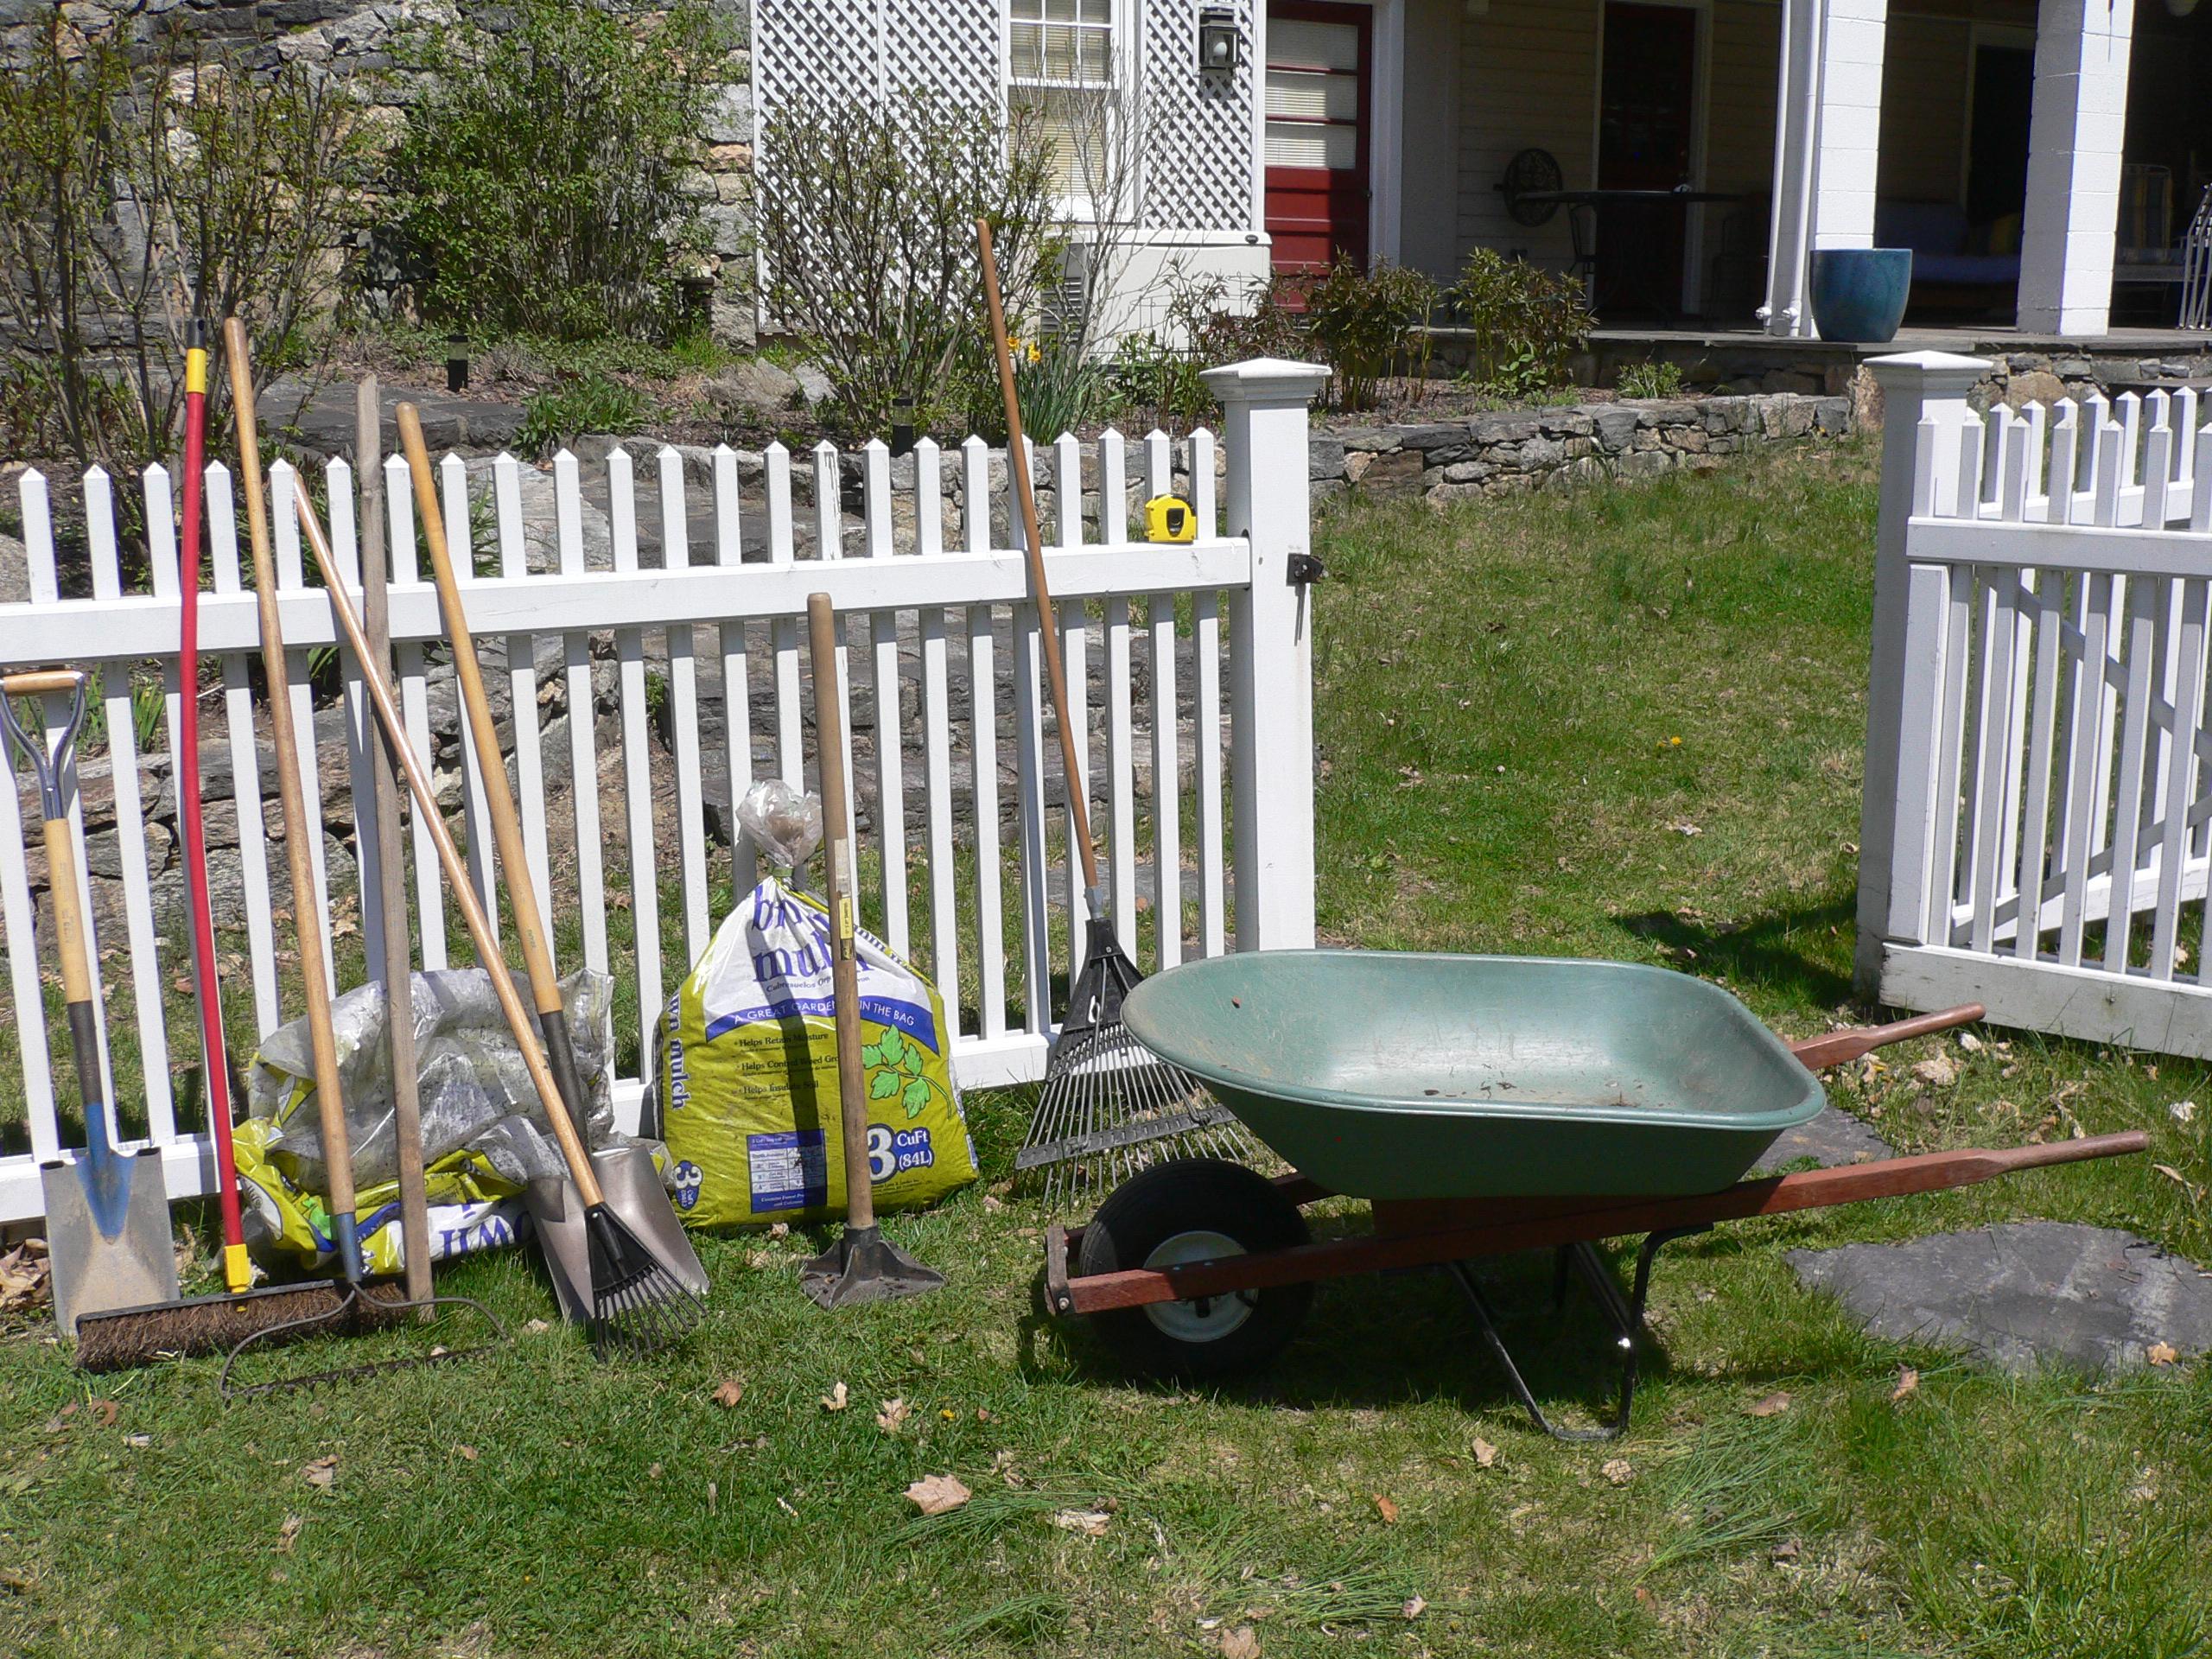 weed barrier garden engineer. Black Bedroom Furniture Sets. Home Design Ideas